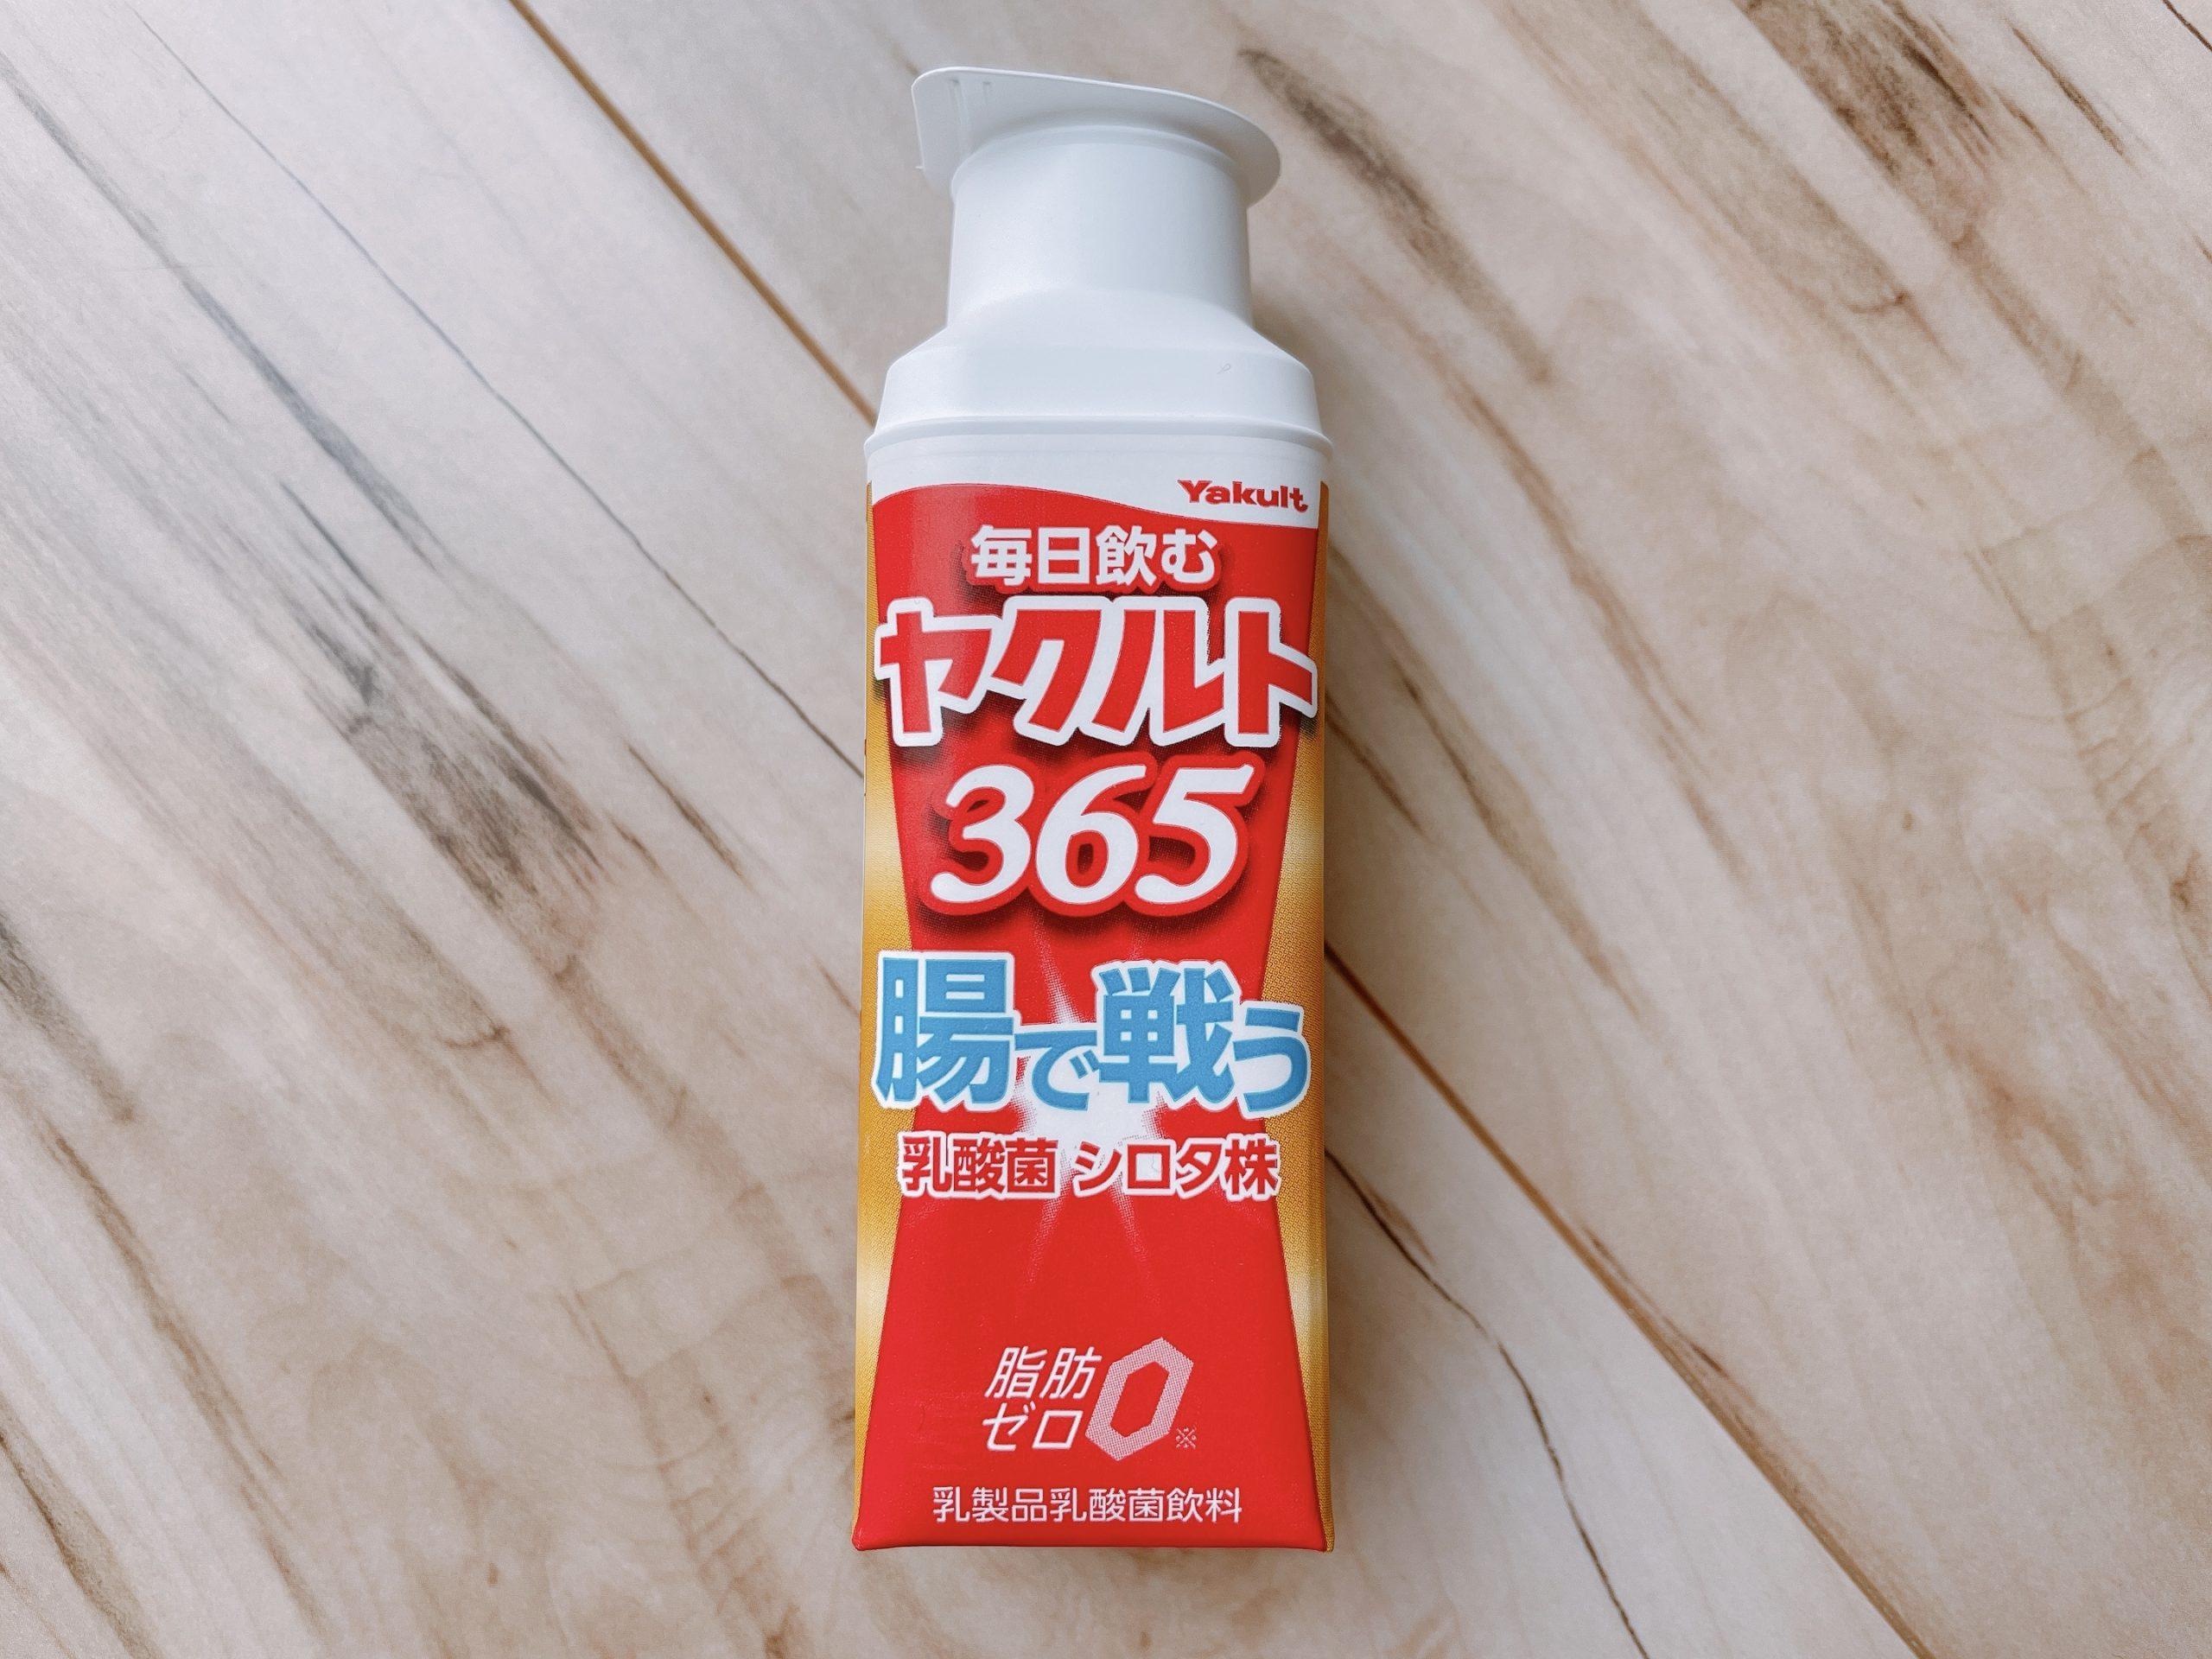 毎日飲むヤクルト365の容器